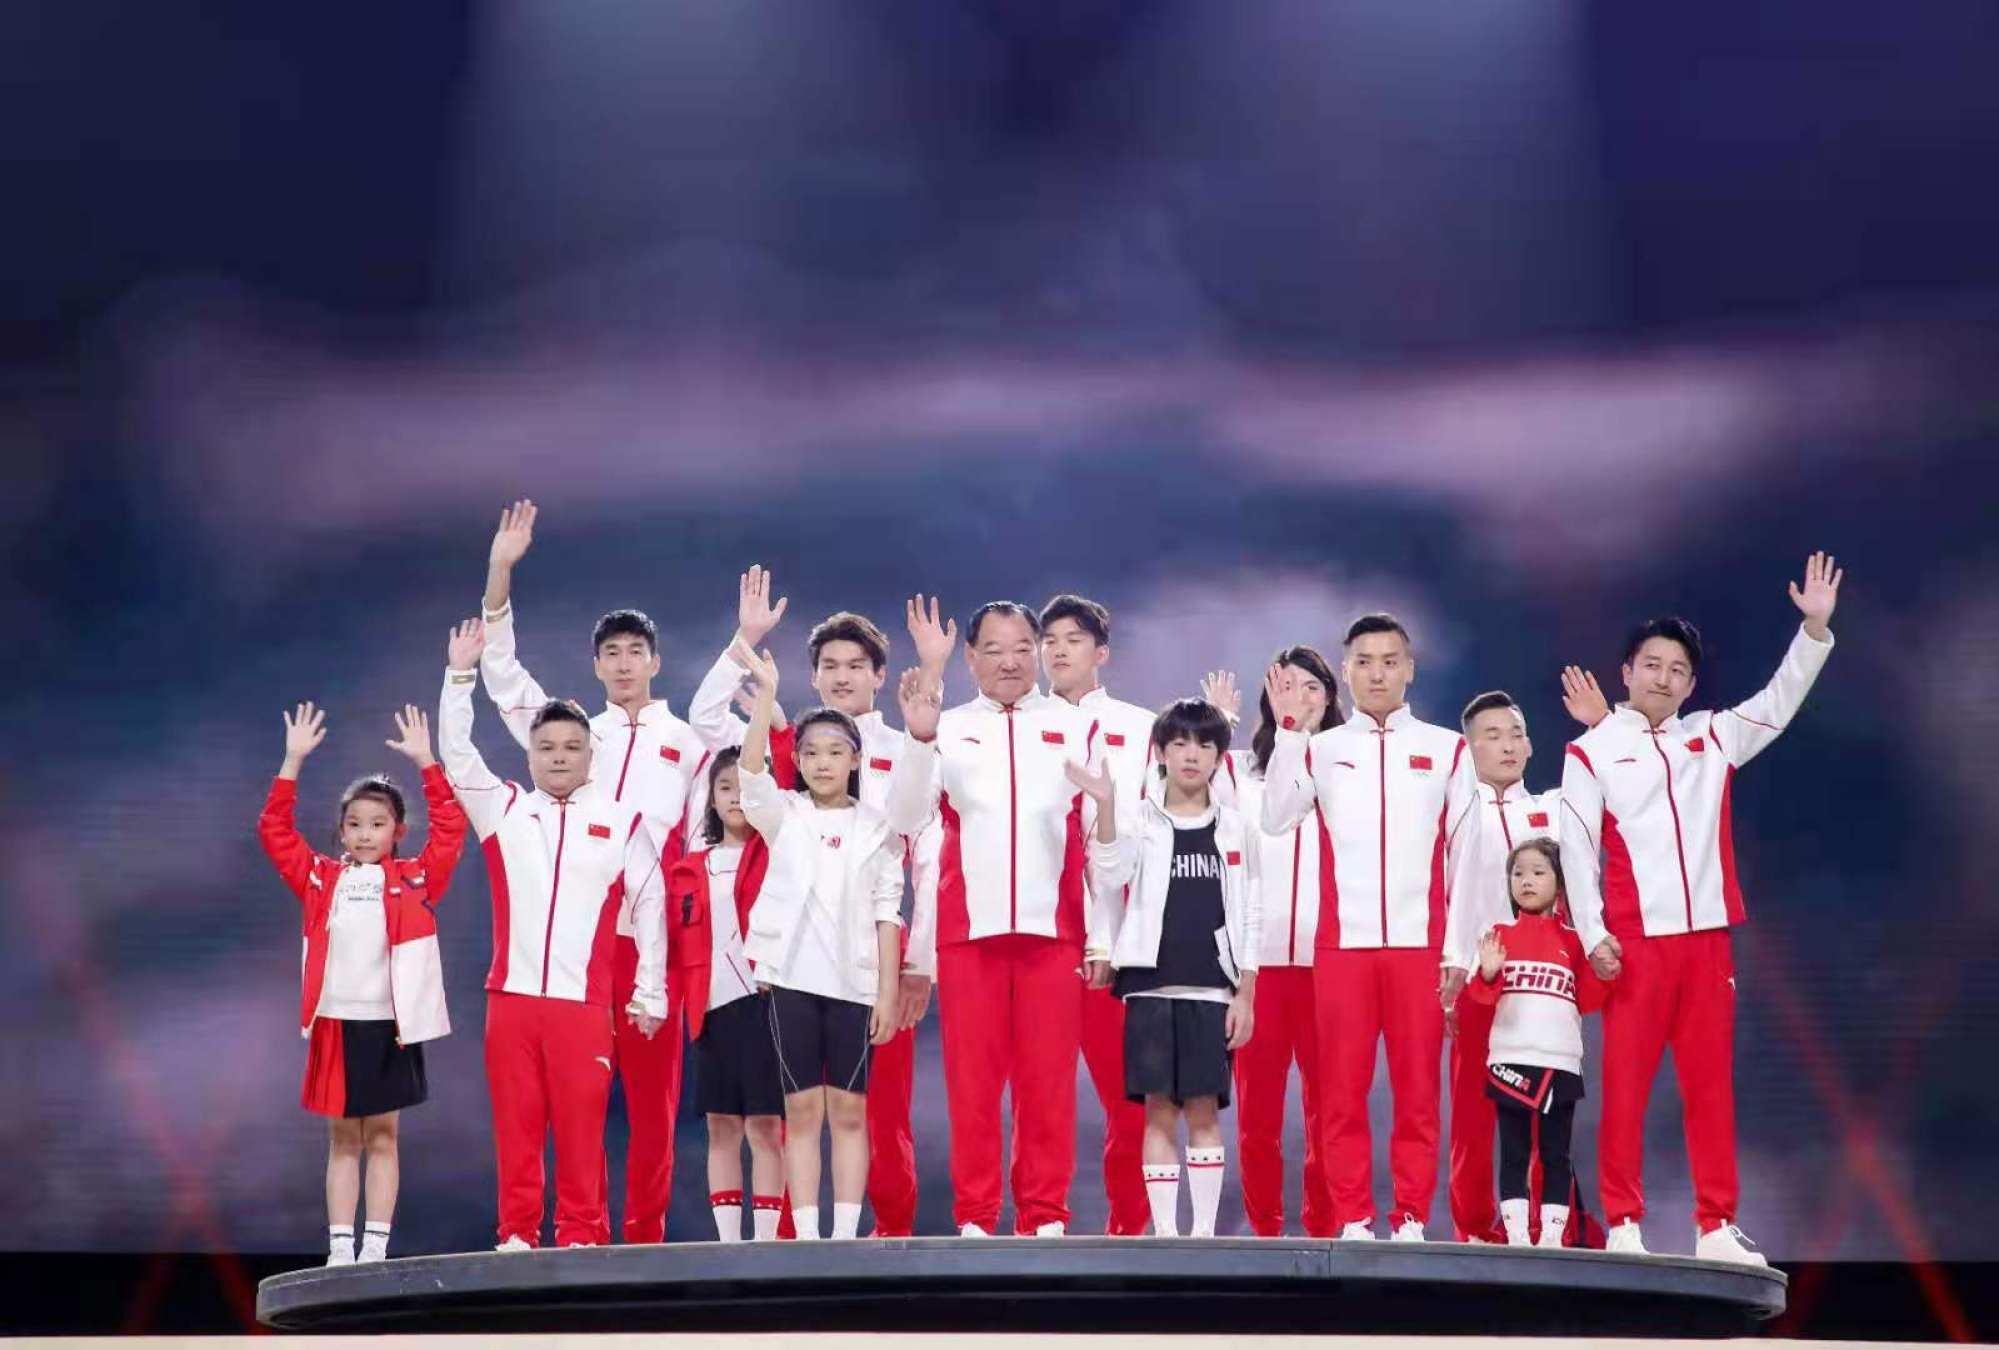 Quốc gia nào có trang phục thi đấu đắt giá nhất tại Olympic Tokyo 2021? - Ảnh 3.